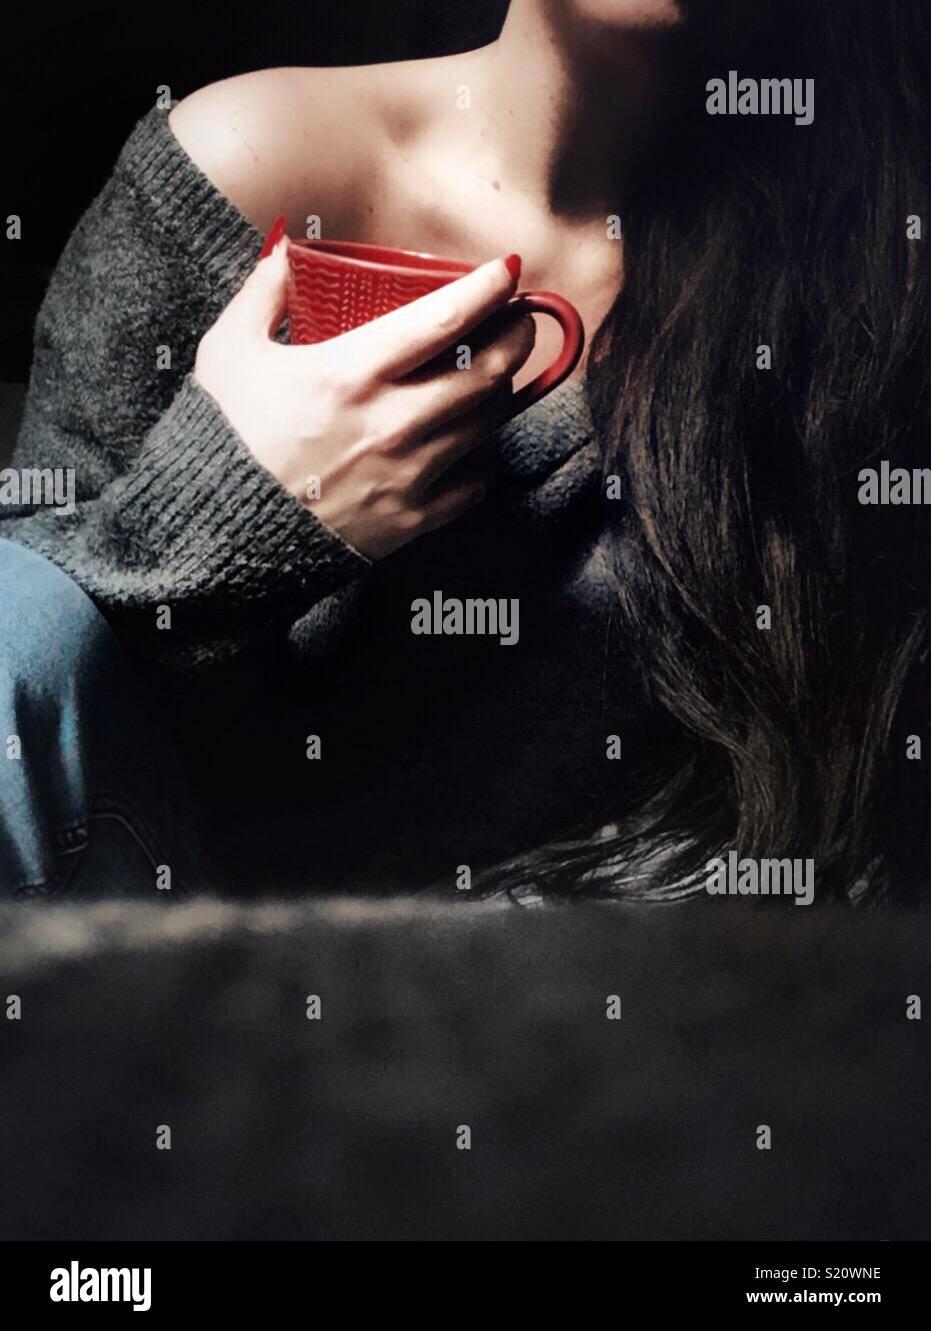 Donna con lunghi capelli scuri tenendo un bicchiere di rosso Immagini Stock